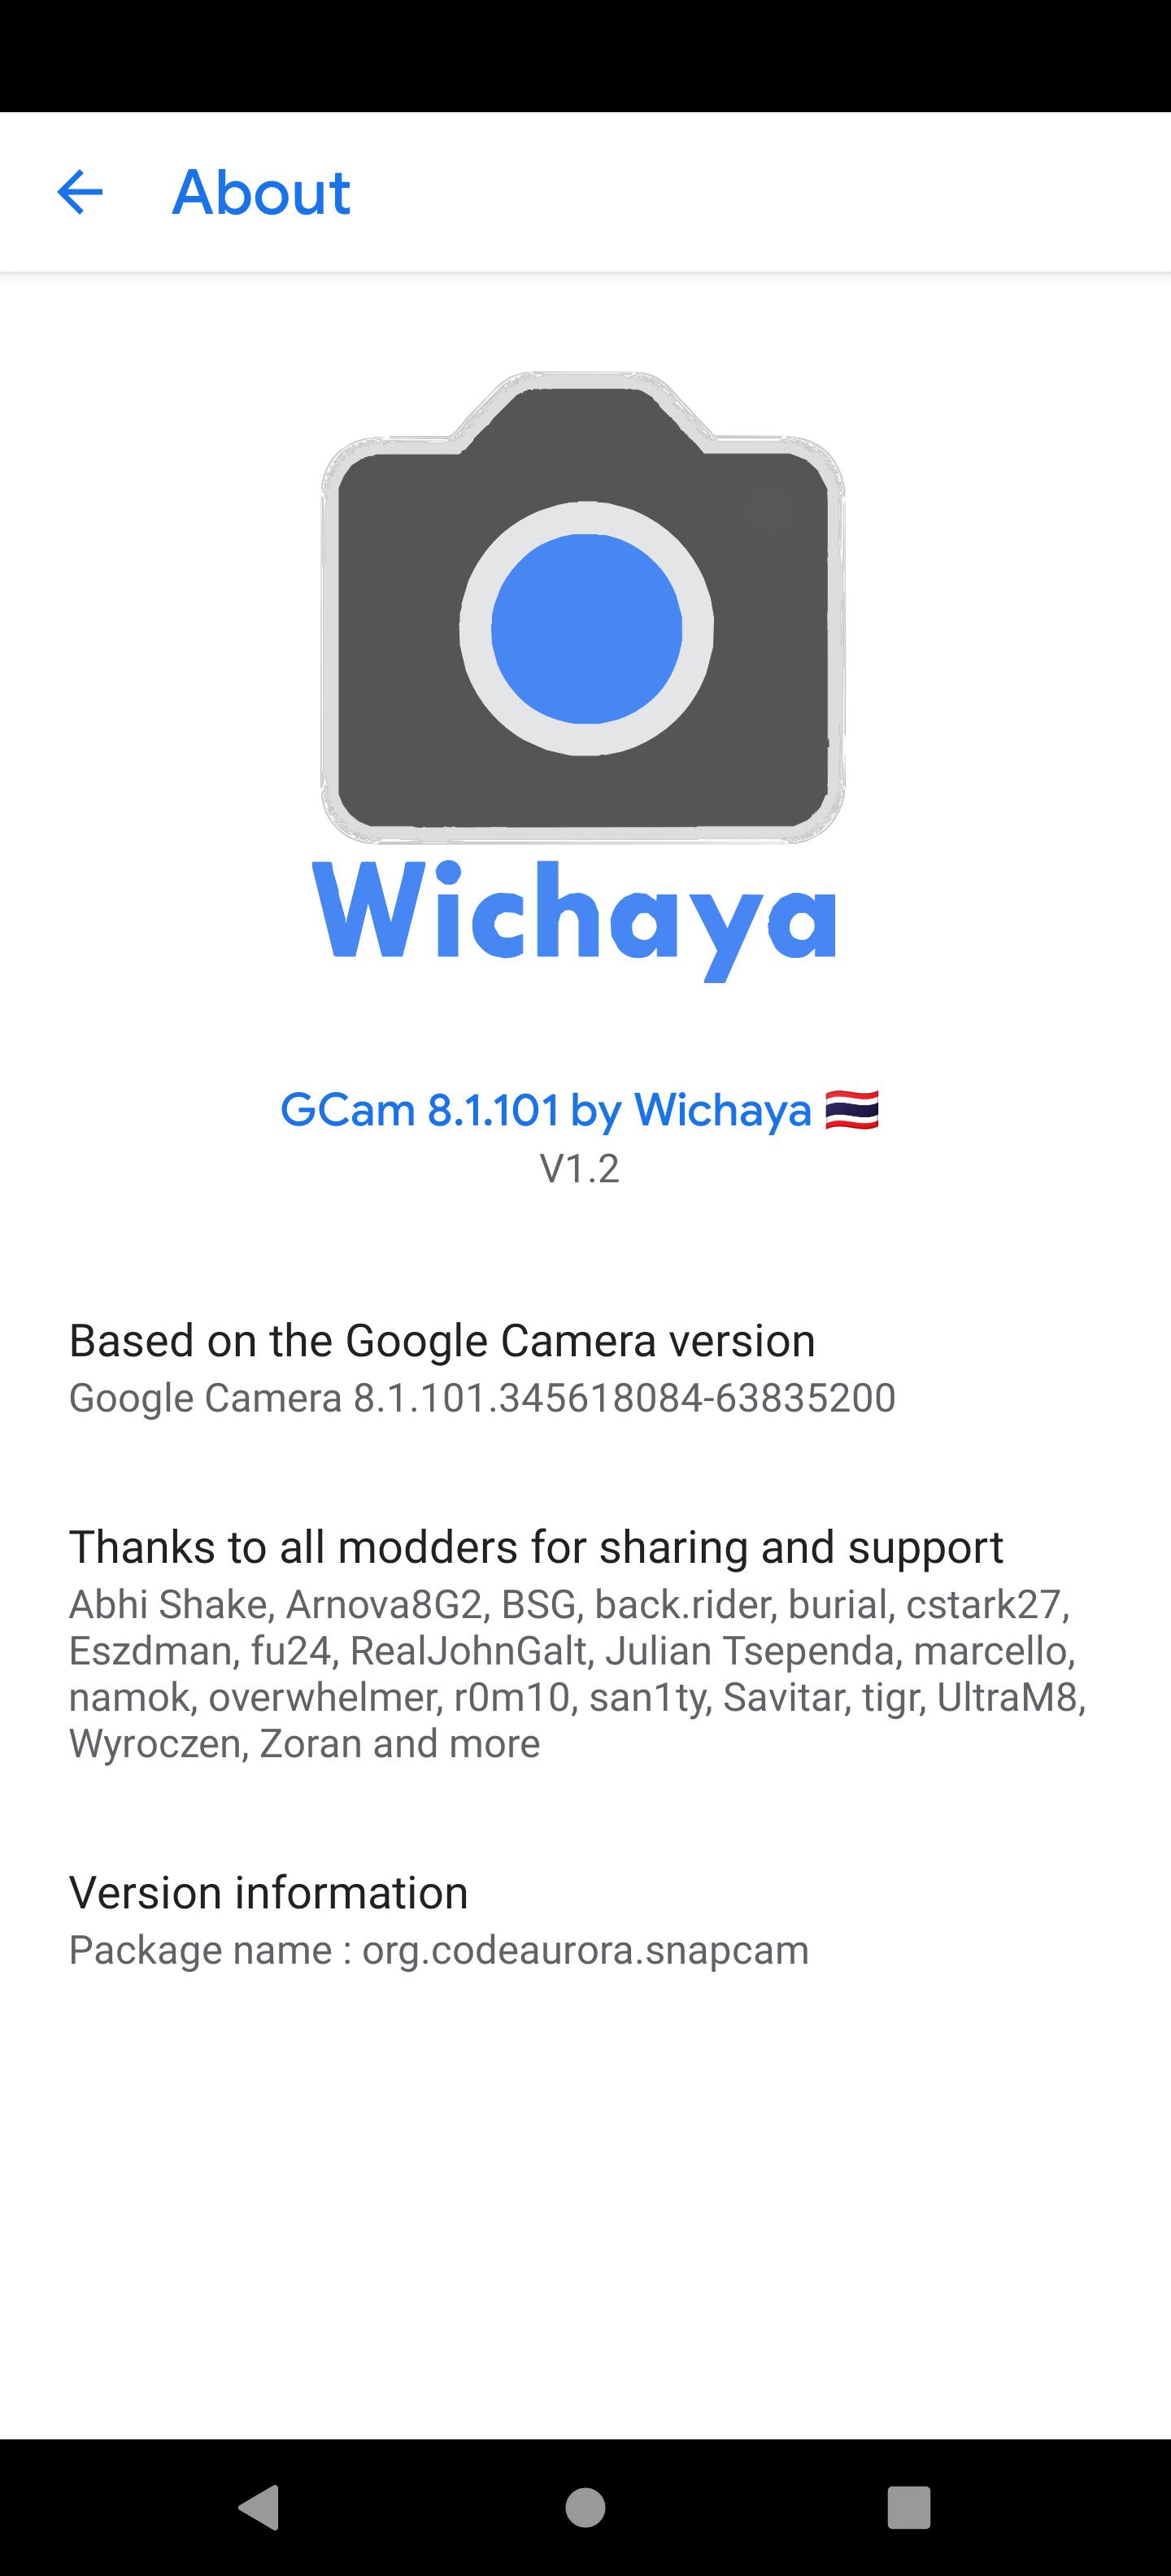 GCam_8.1.101_Wichaya_V1.2.apk